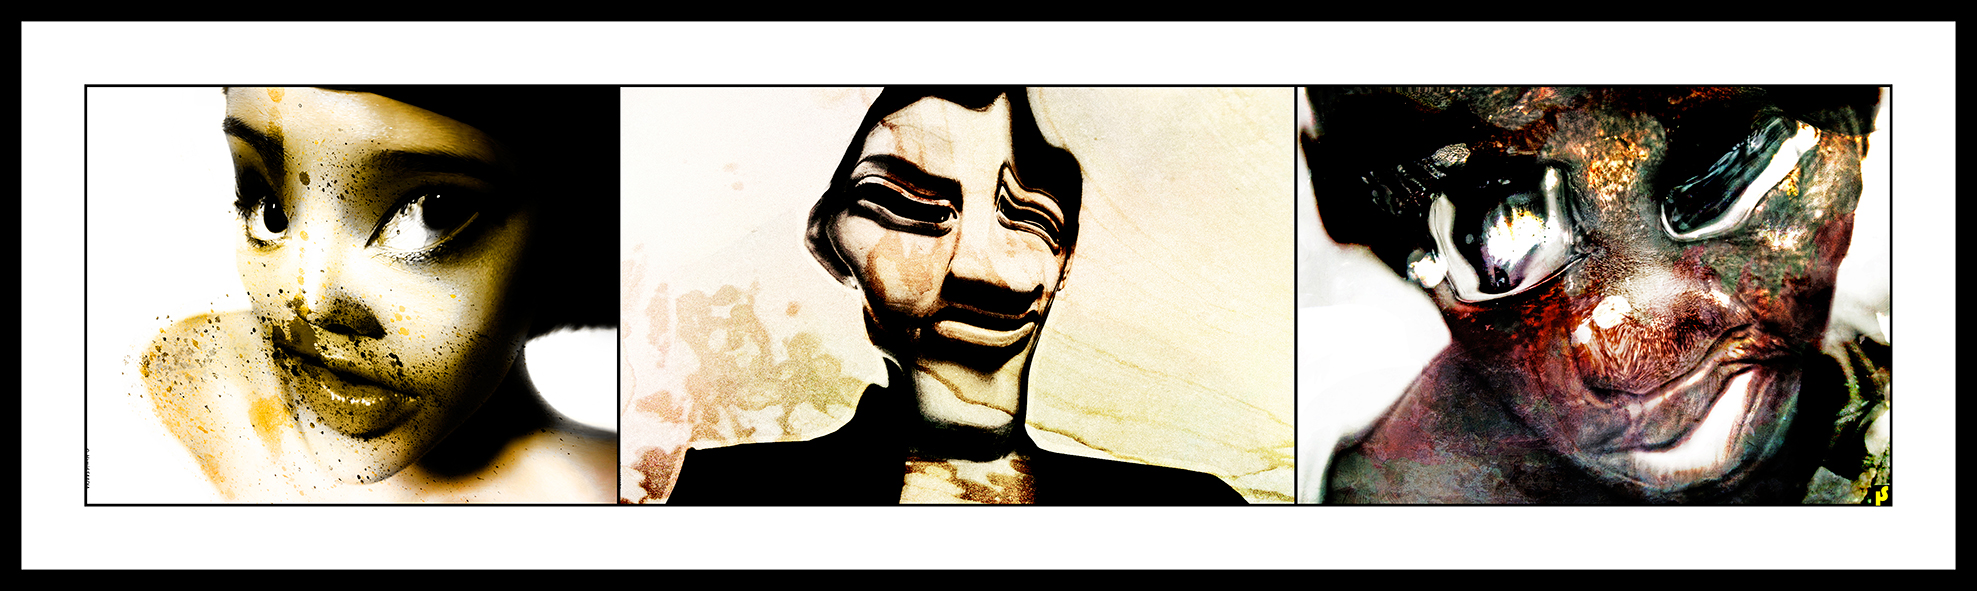 SHOWREEL-ART-02.jpg